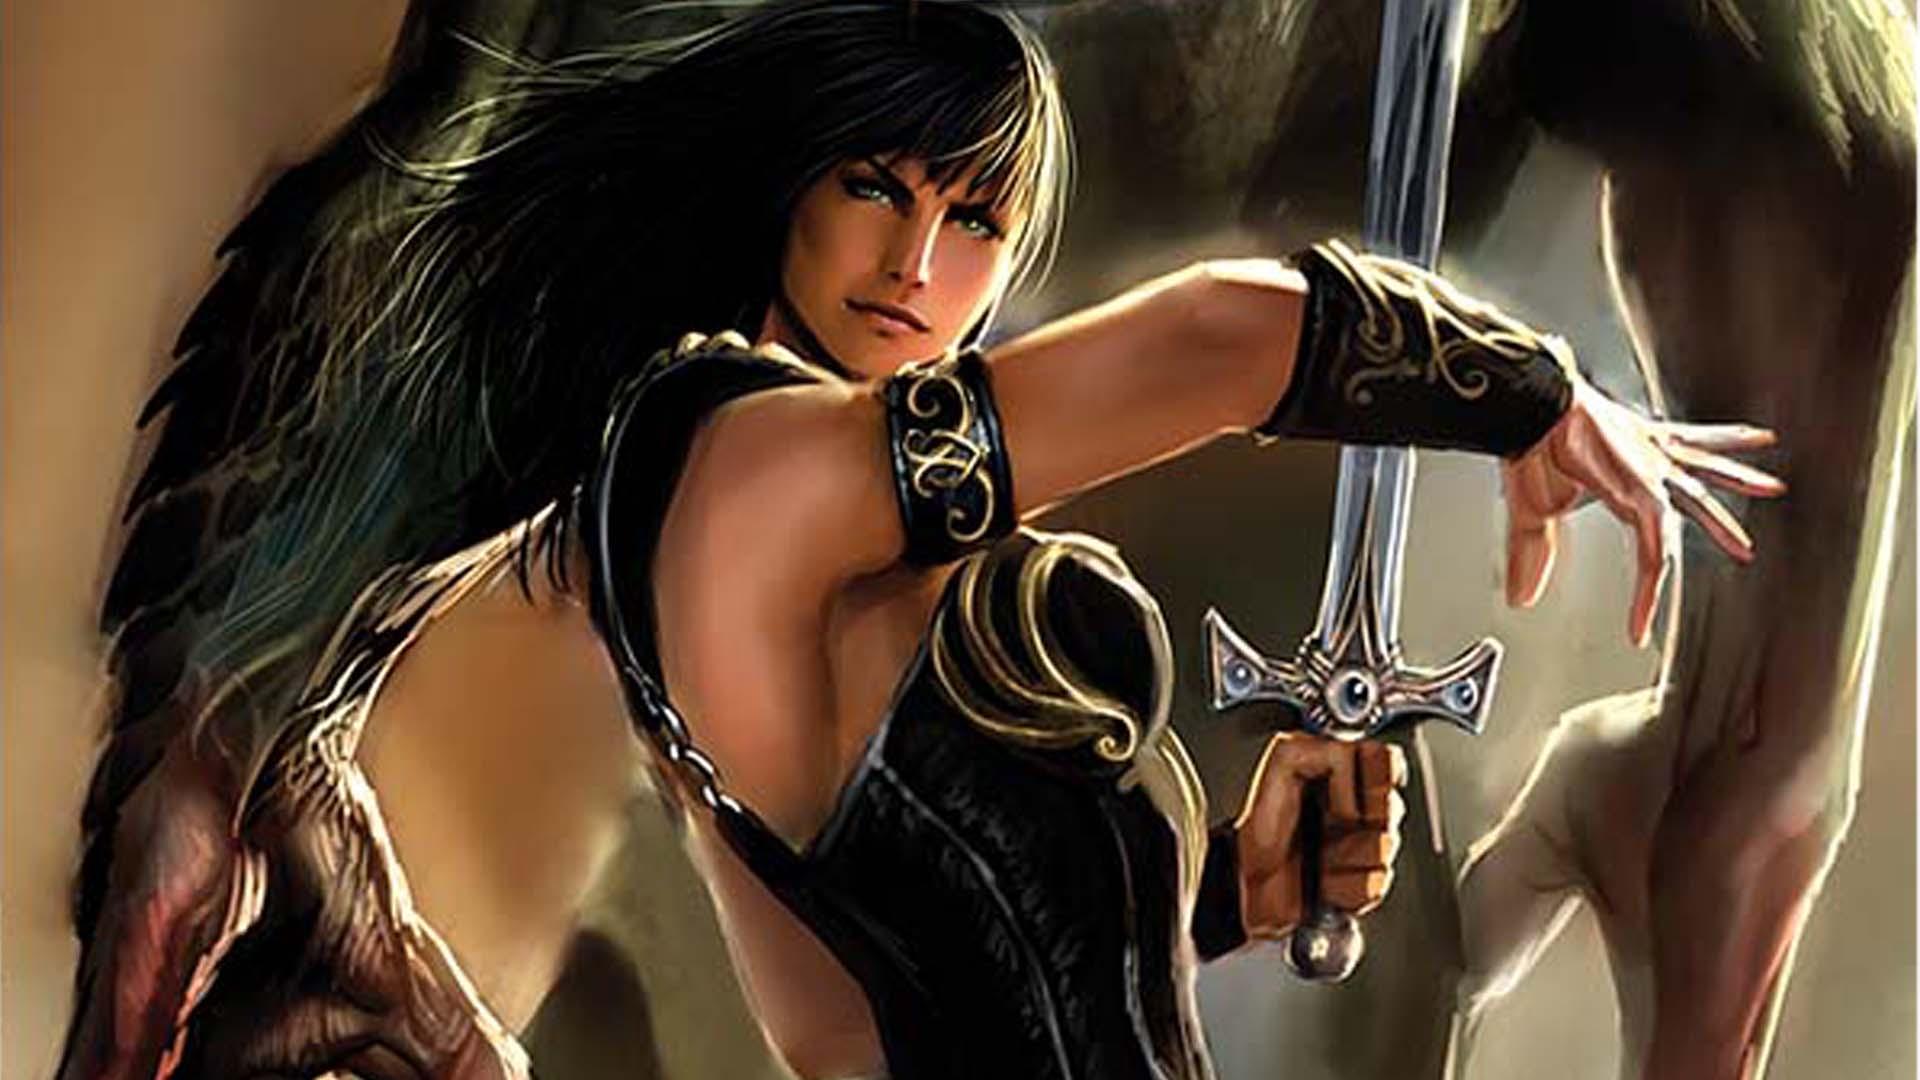 Xena: Warrior Princess Omnibus Vol. 1 Review